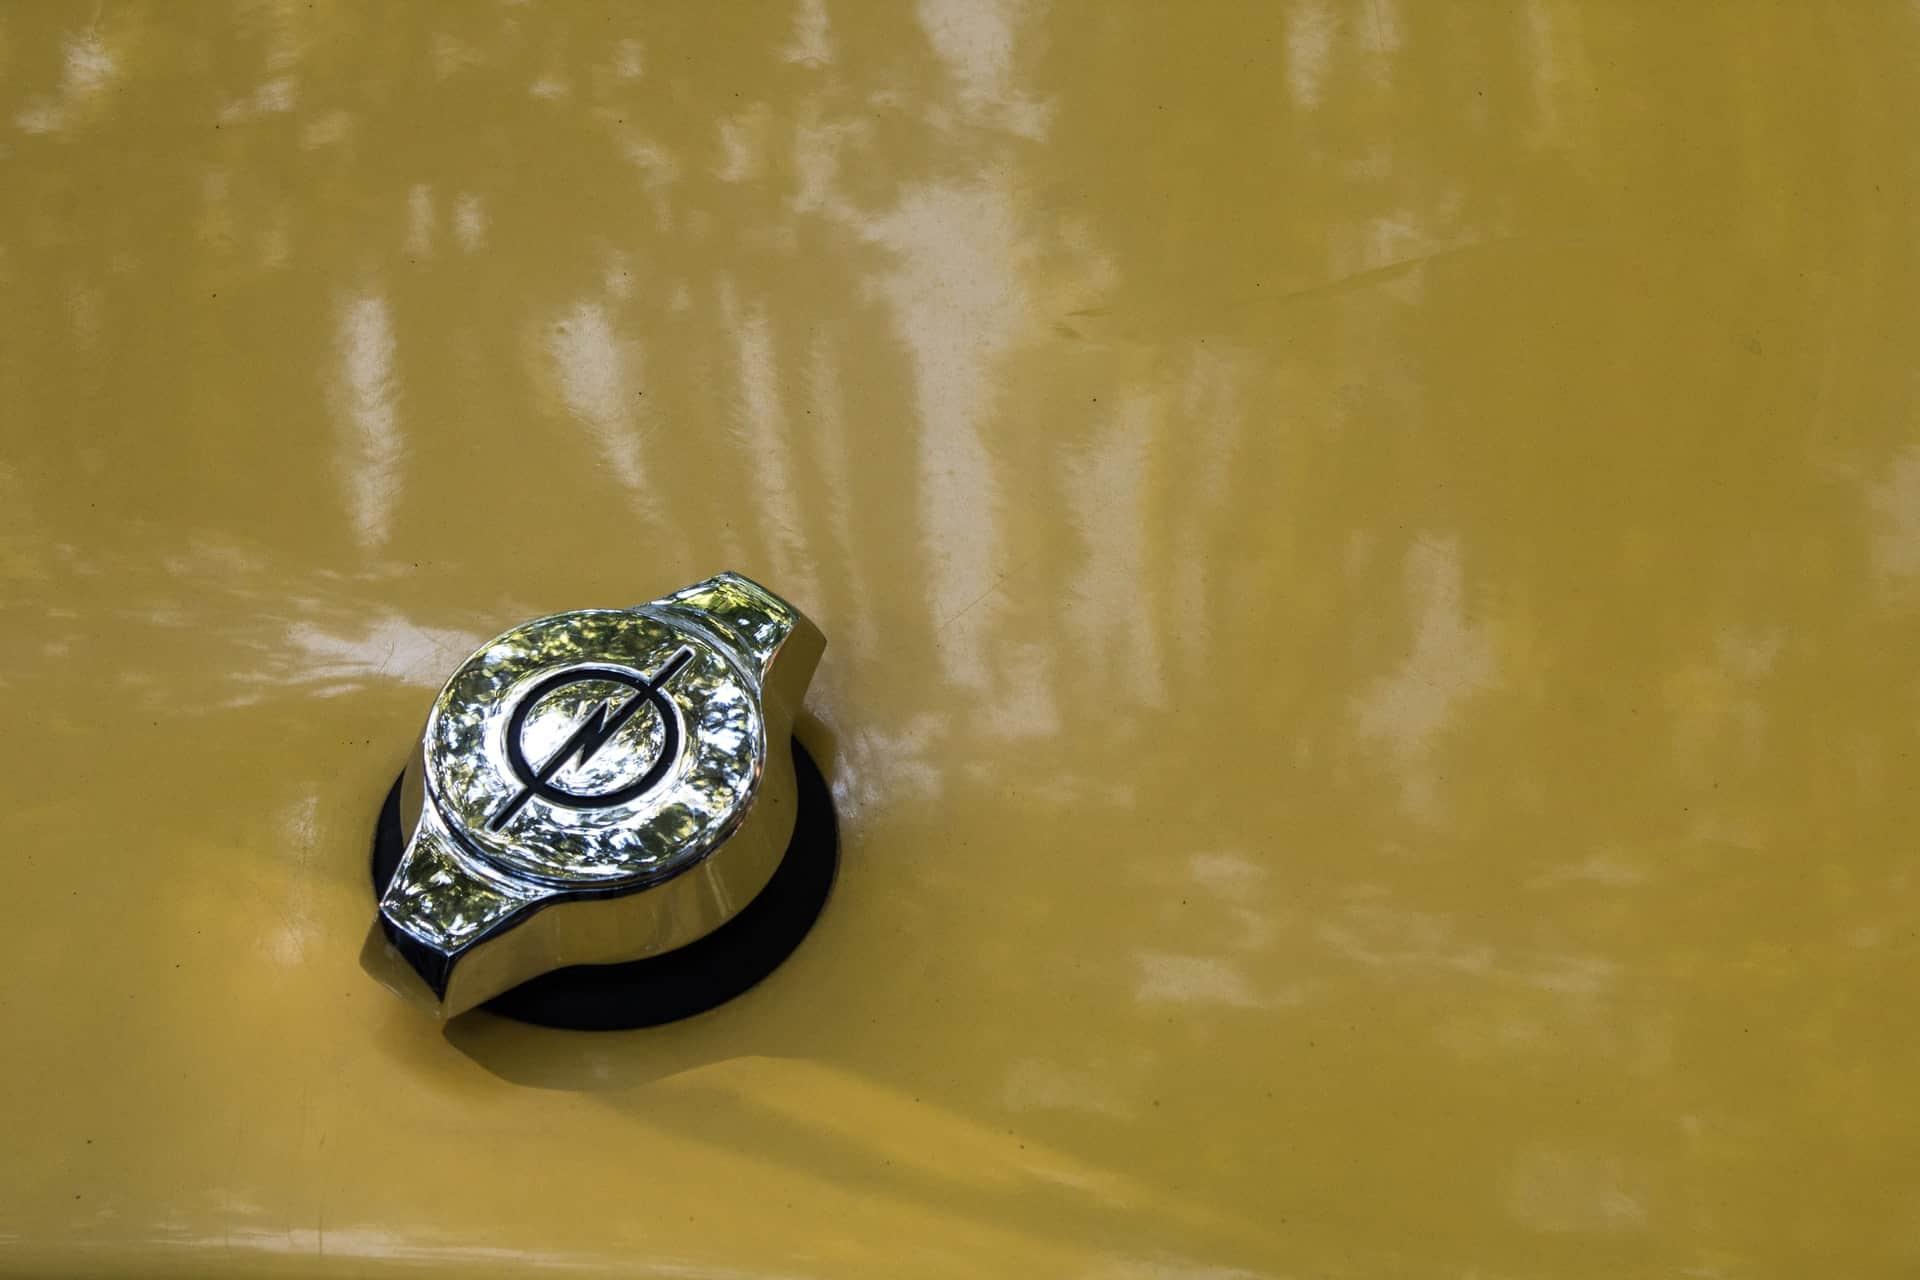 Dlaczego Opel zmienił logo?